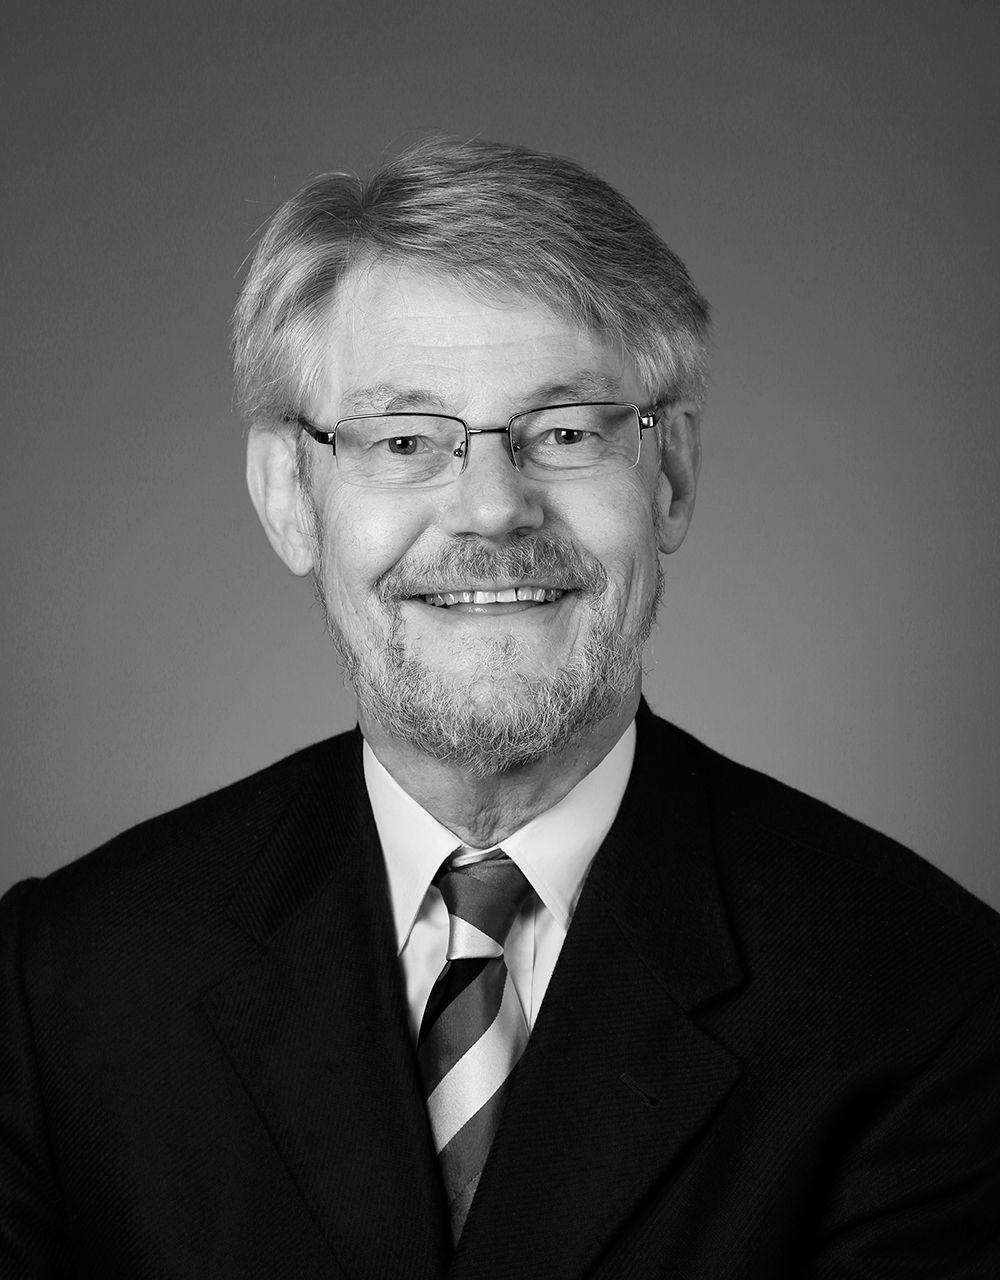 Erik Magnus Boe